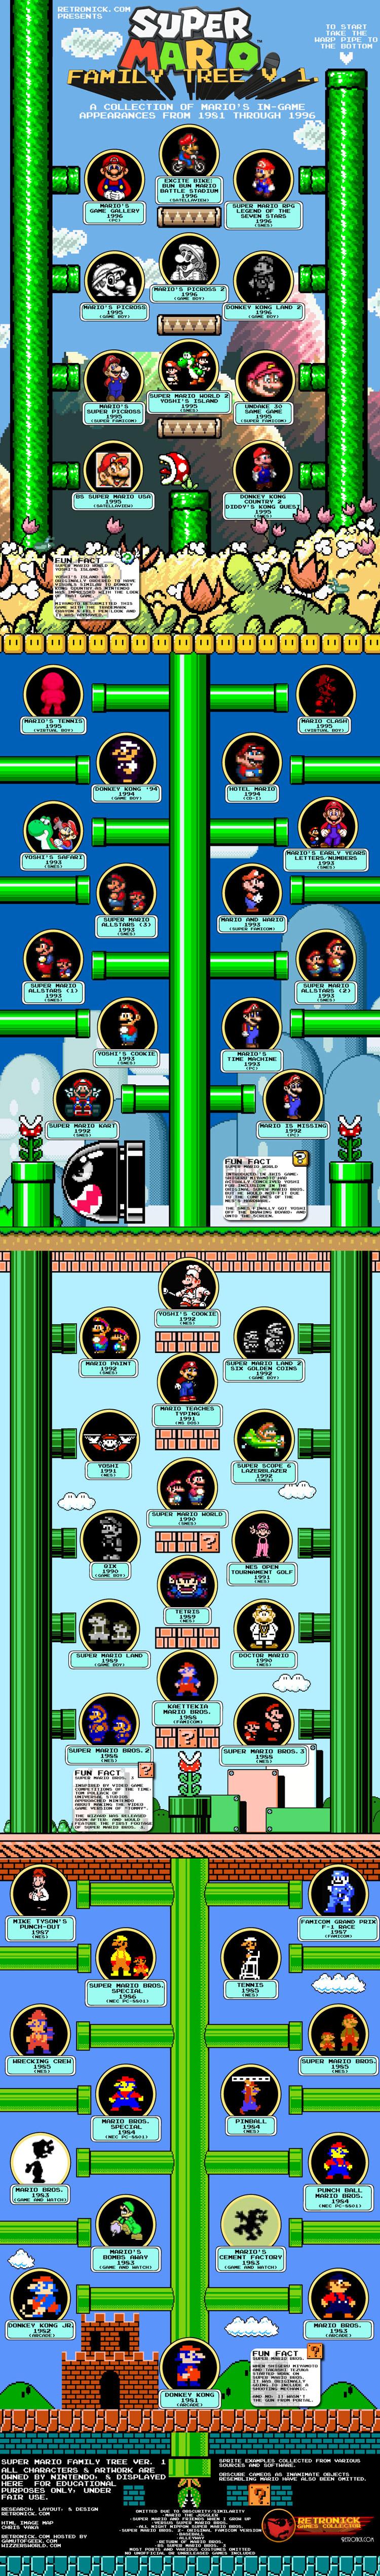 Super Mario's Family Tree